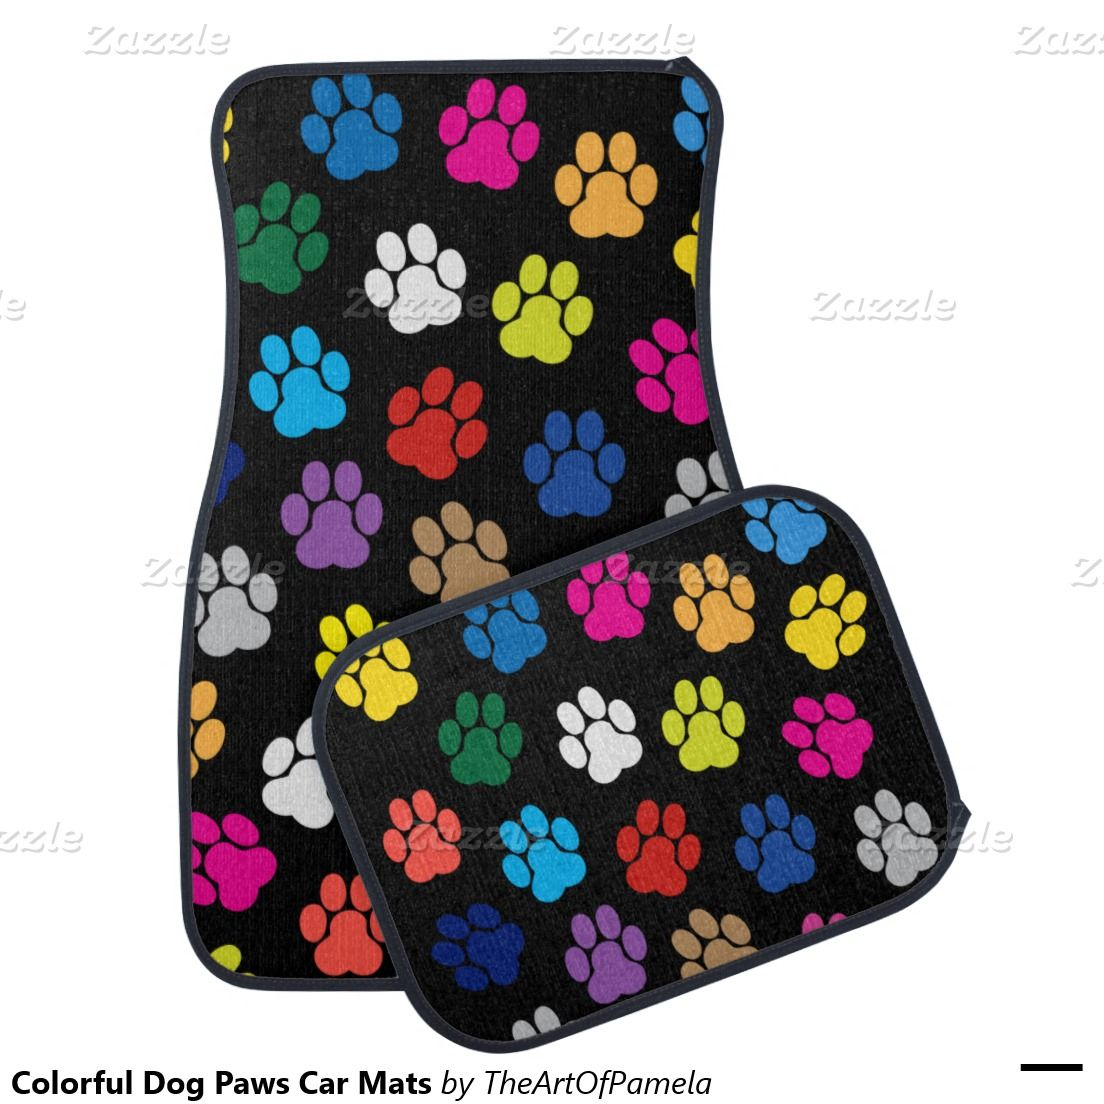 Colorful dog paws car mats car mats